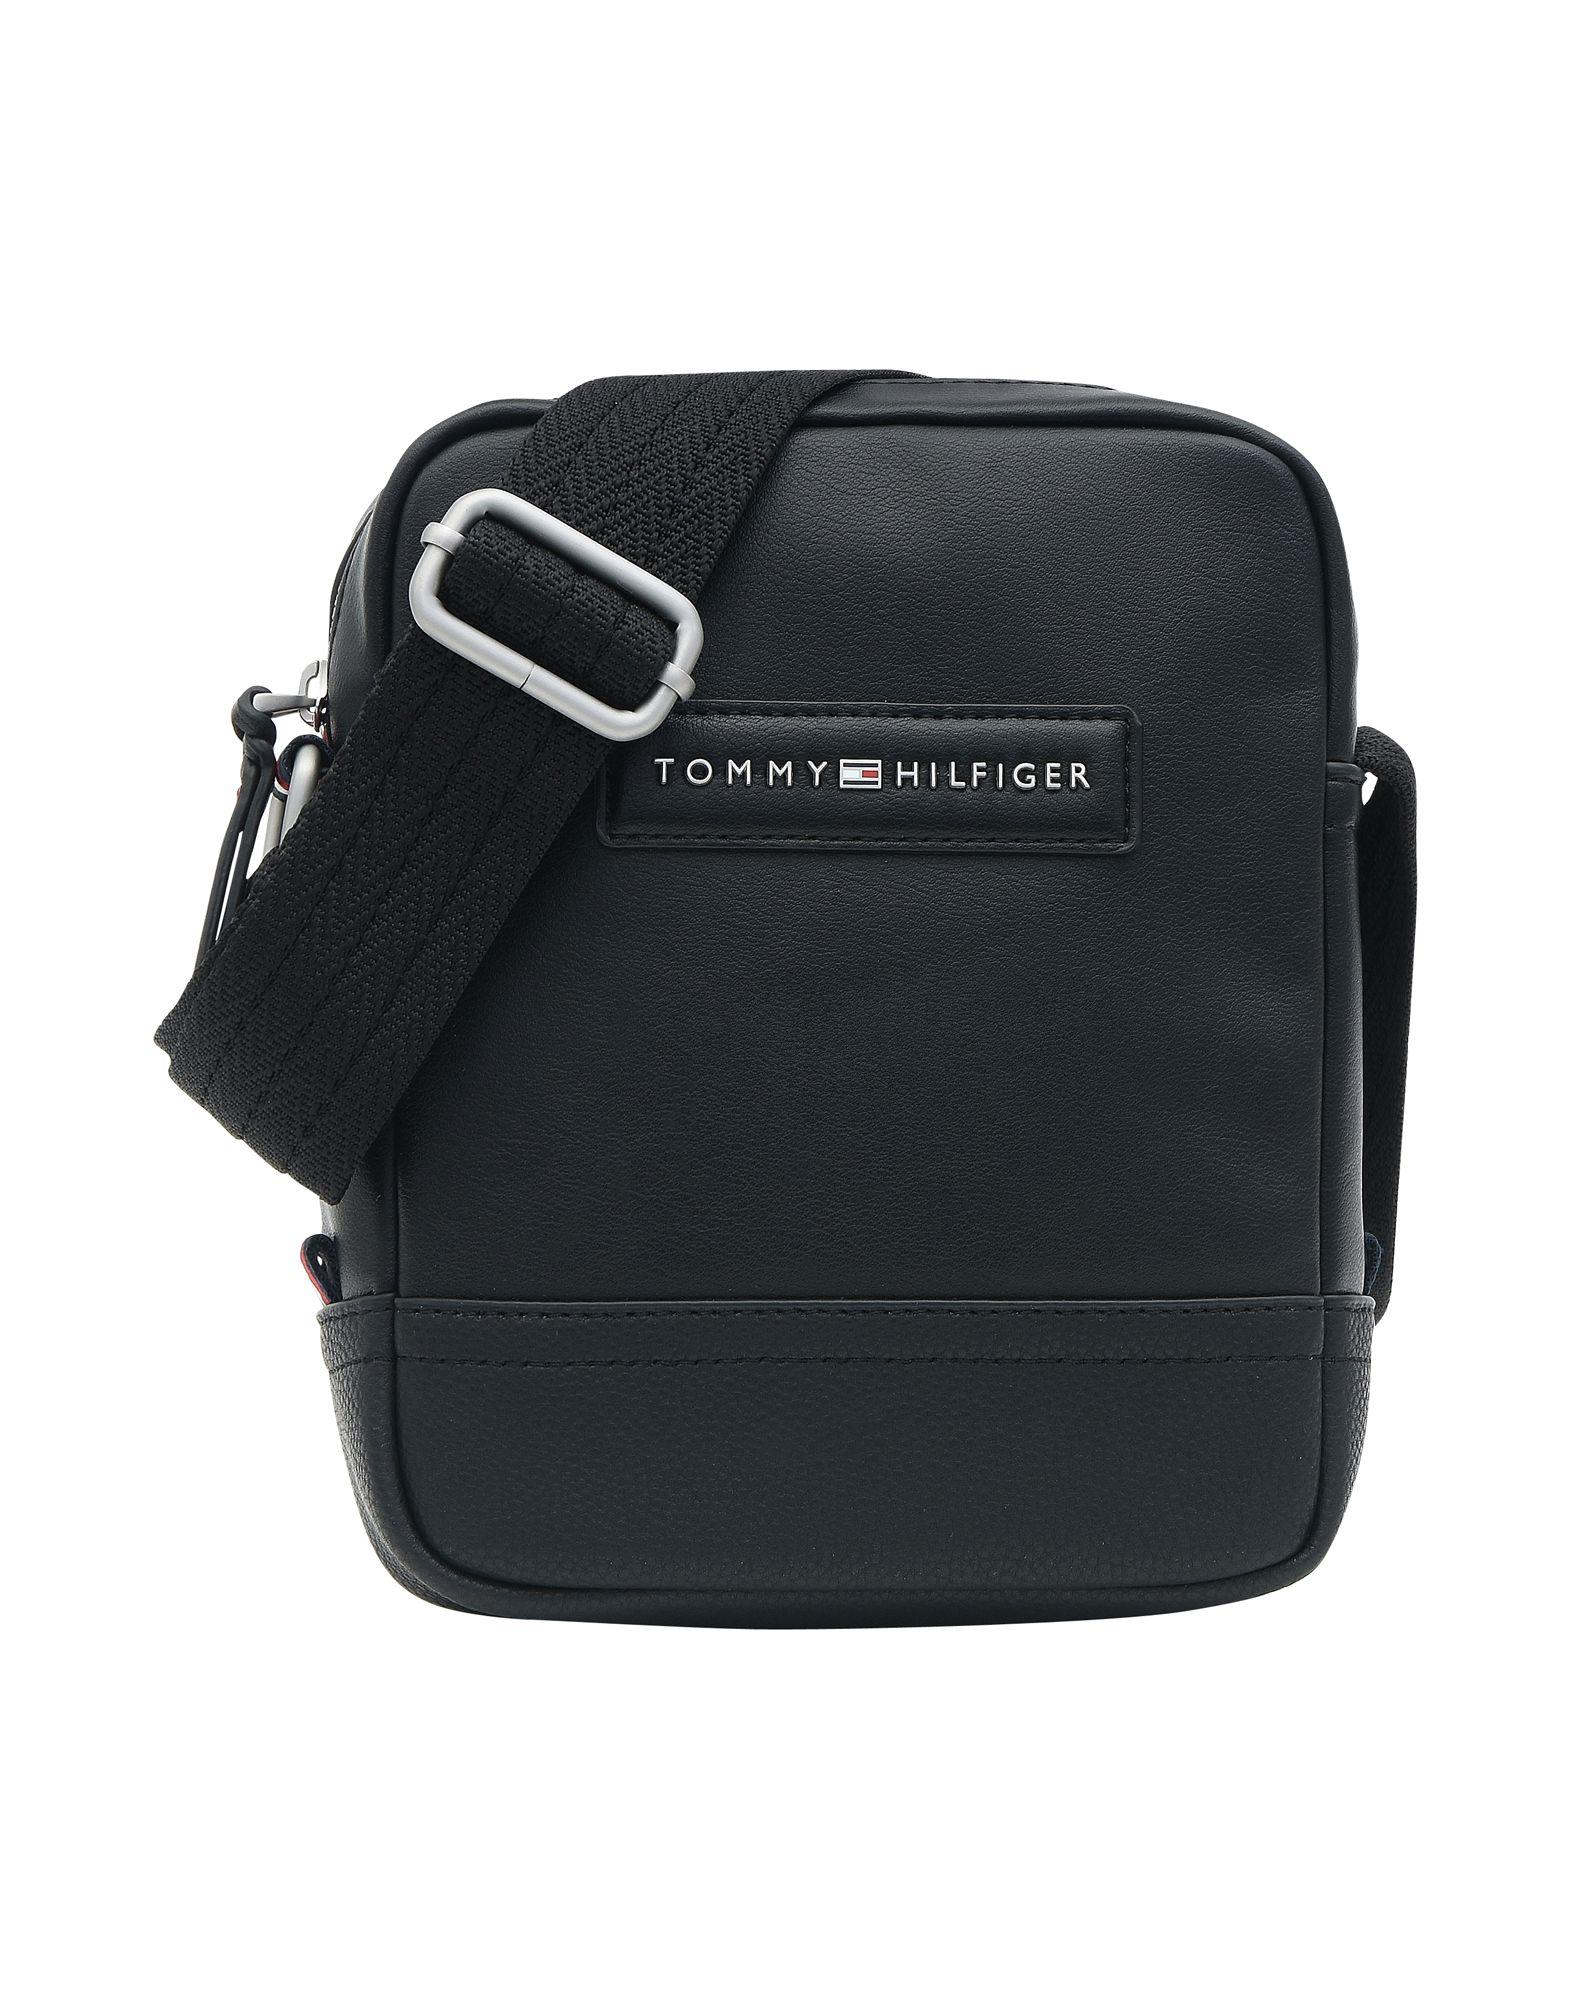 TOMMY HILFIGER Сумка через плечо сумка tommy hilfiger aw0aw04731 002 black